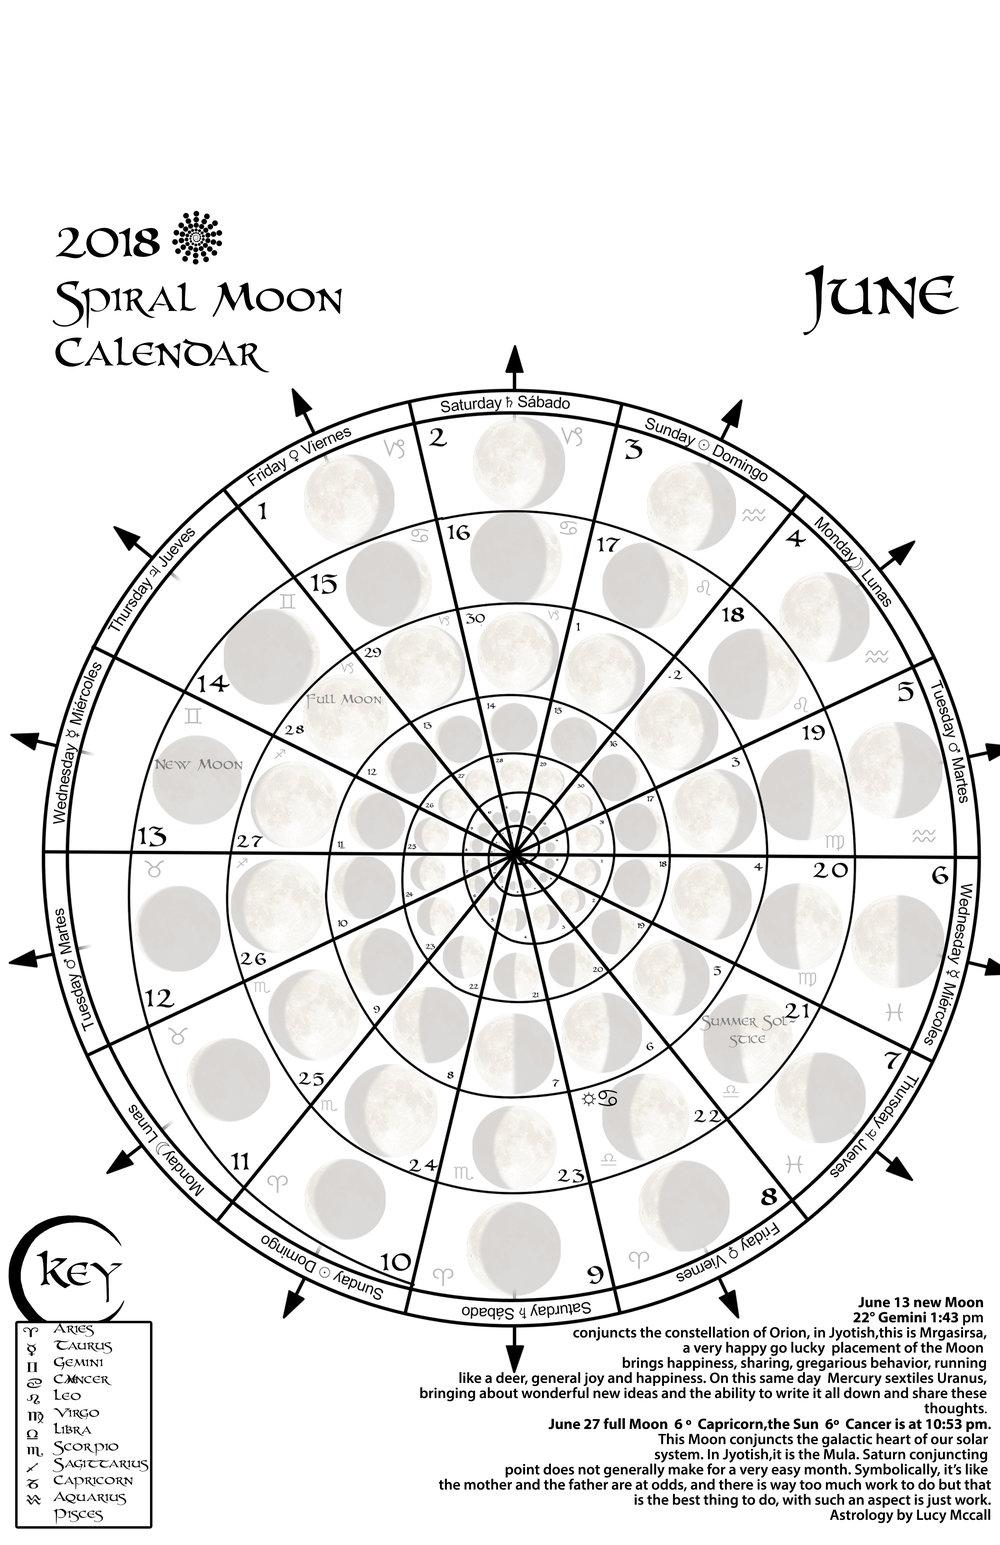 Spiral Moon Calendar 2018 JUNE.jpg